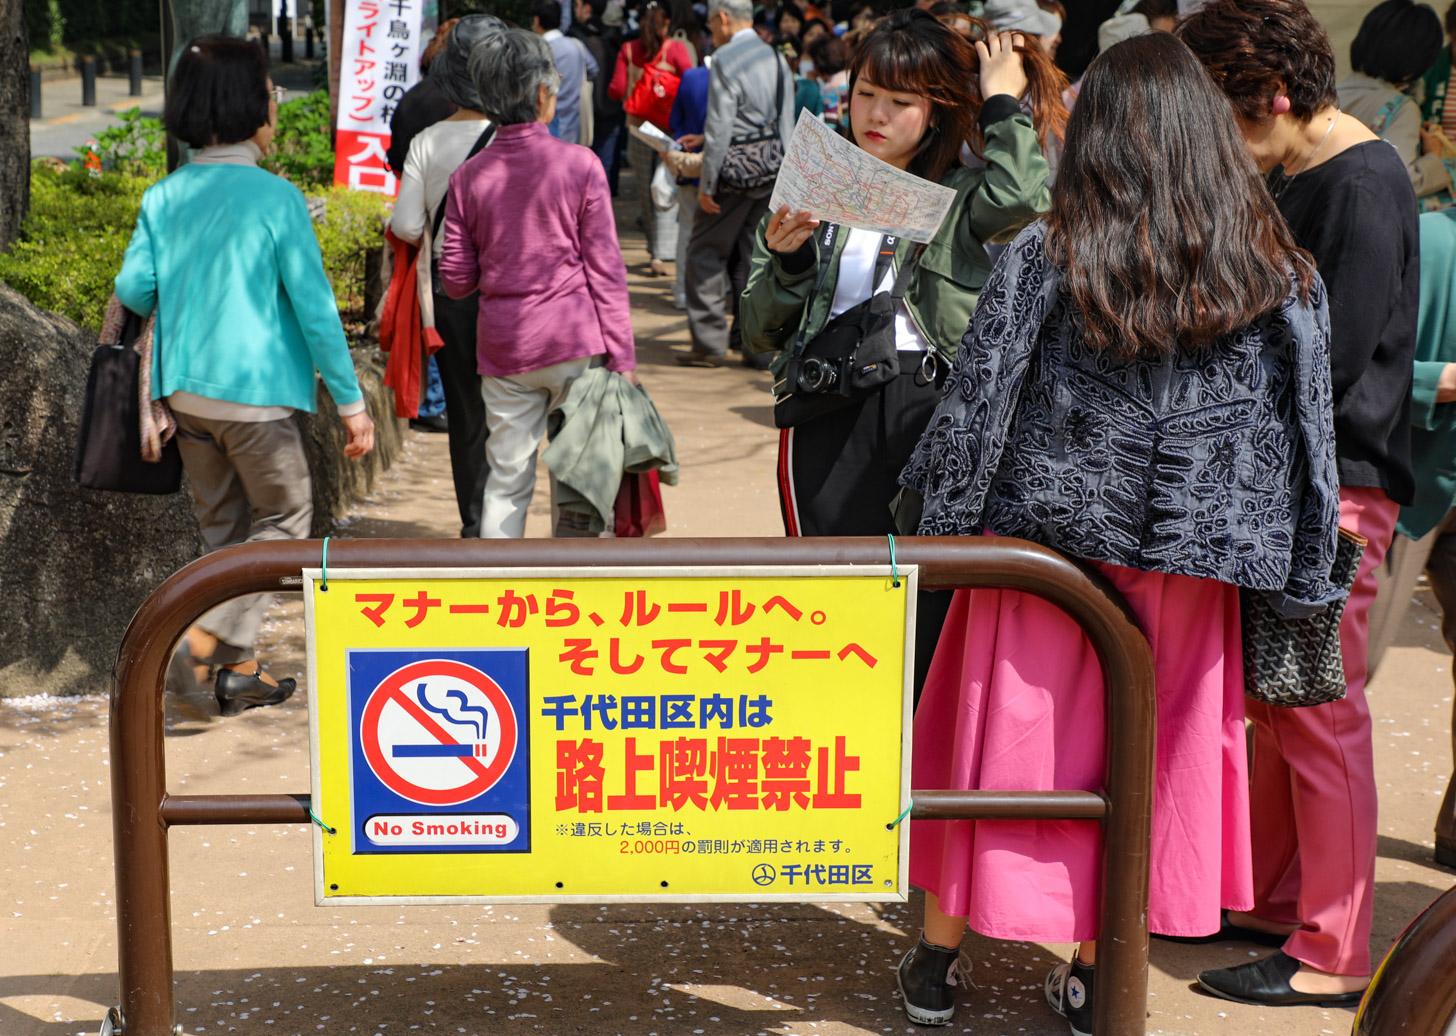 verboden te roken, ook op straat